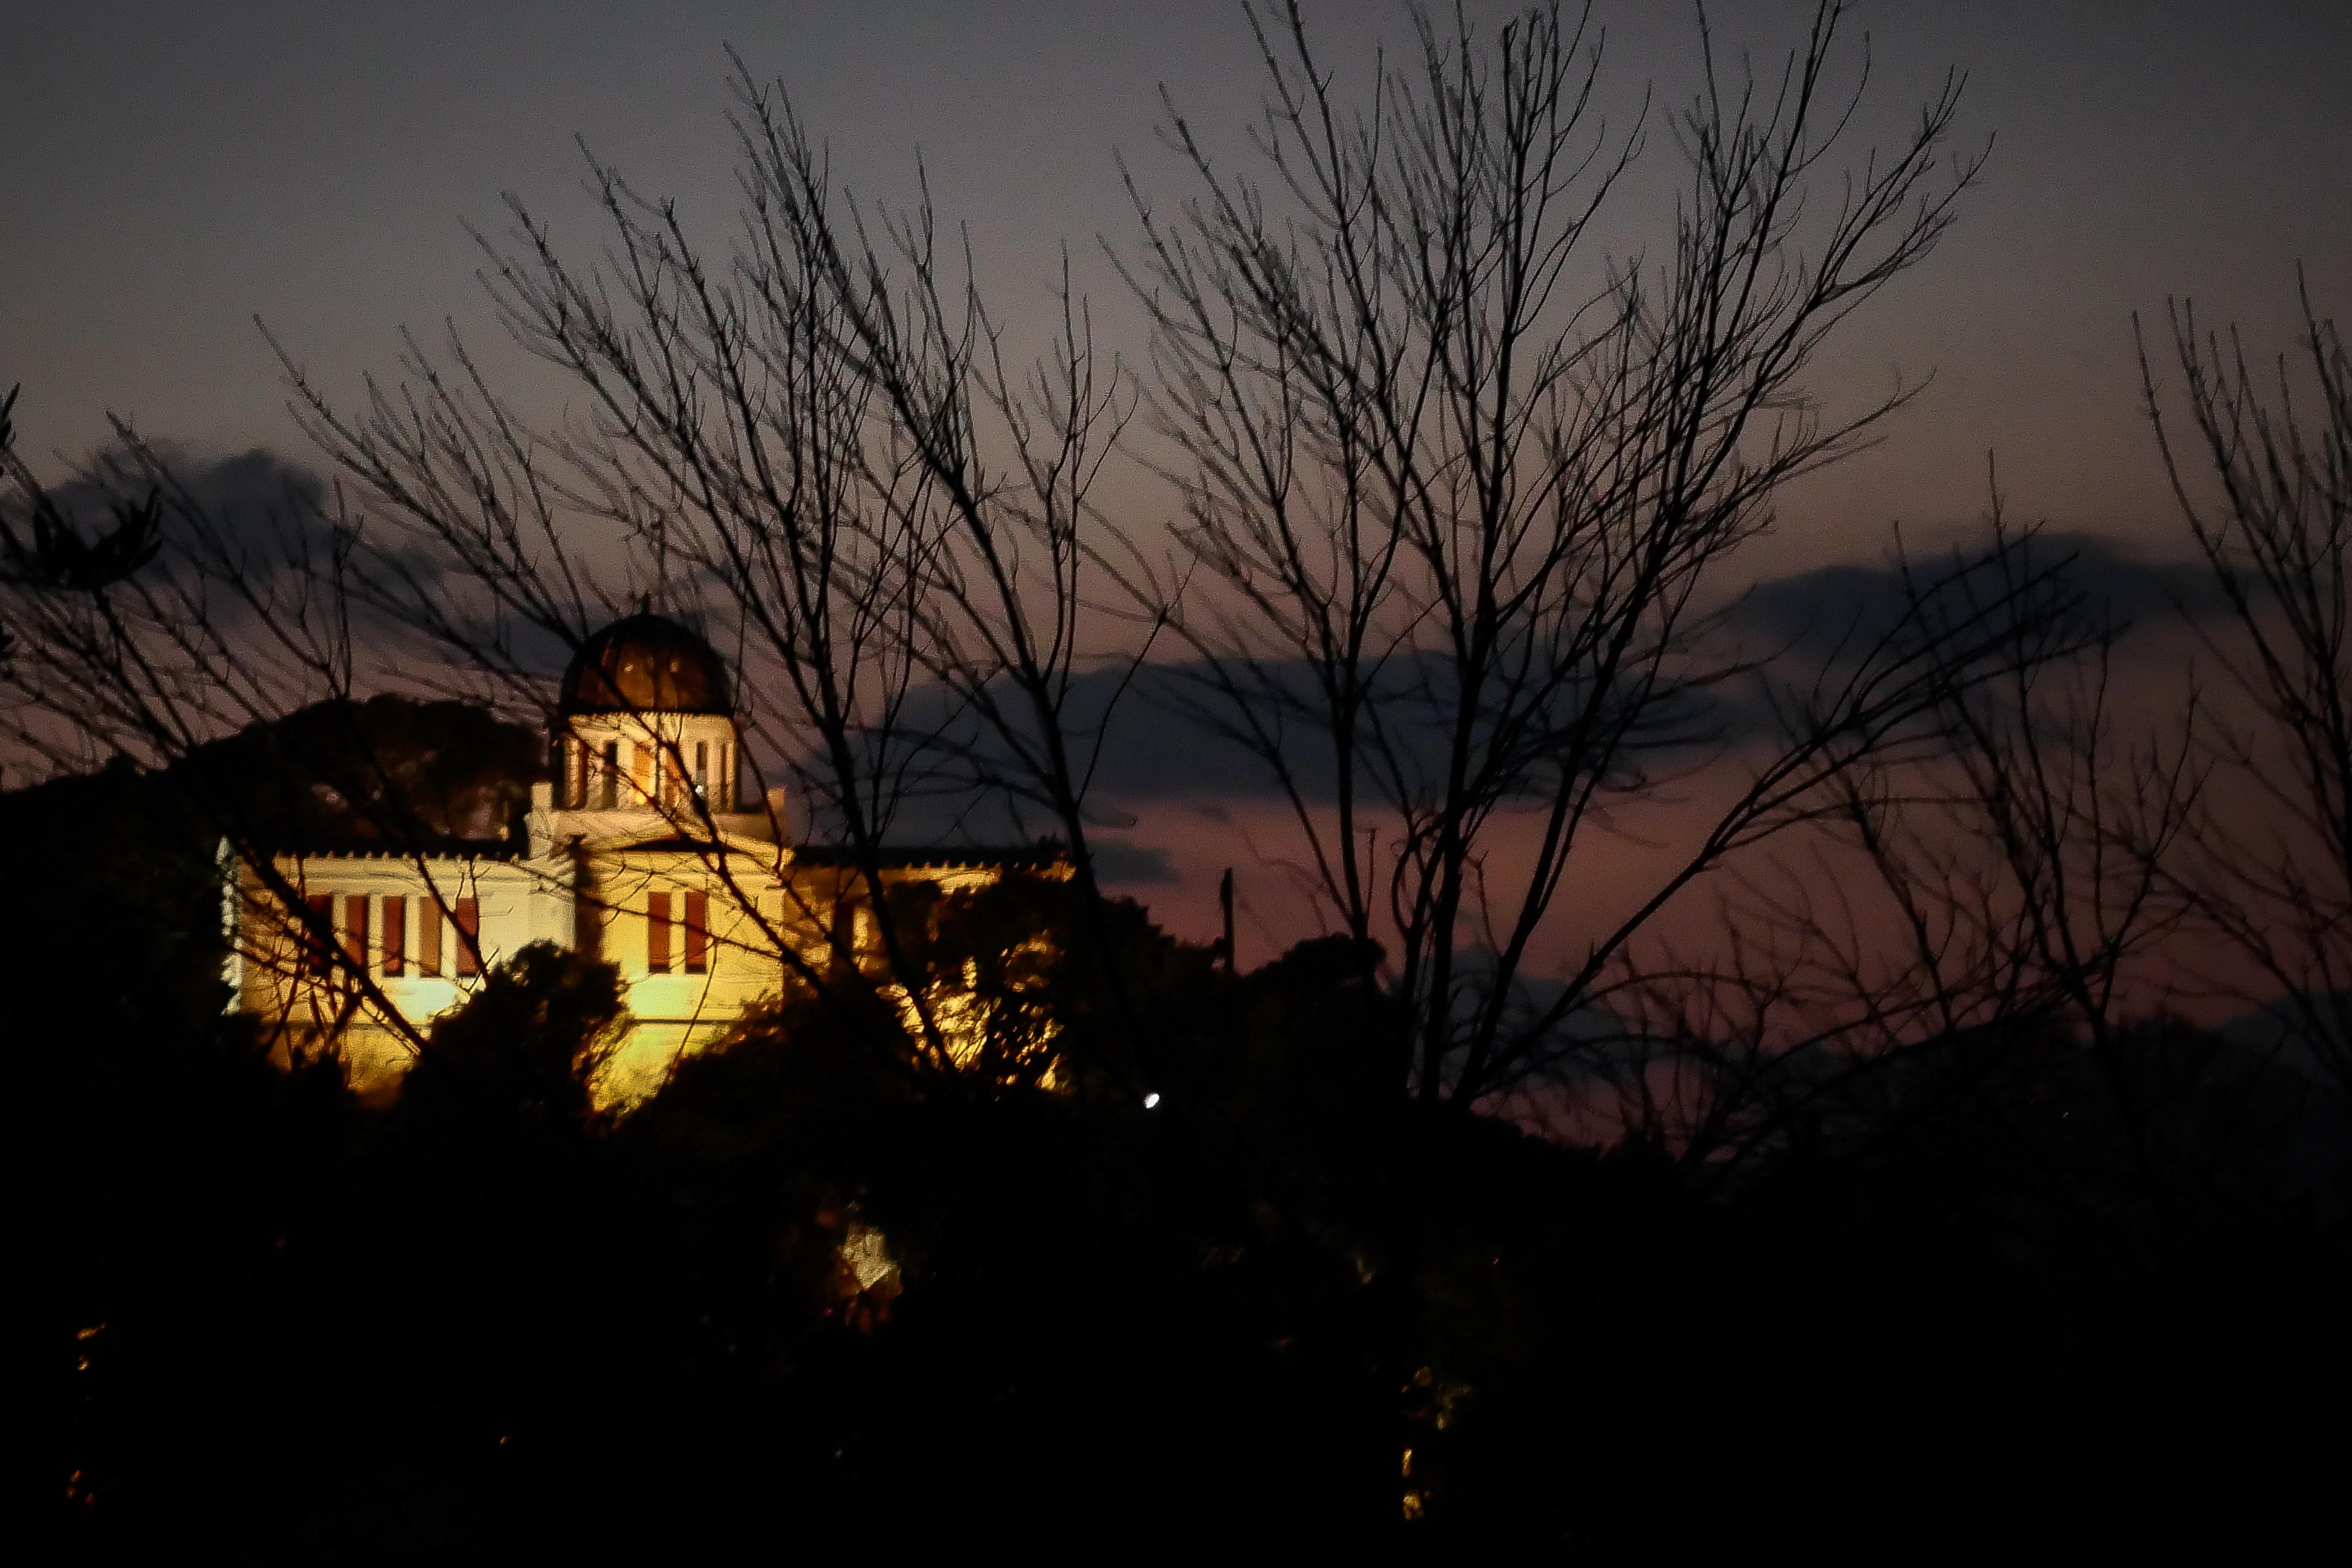 Πώς το Αστεροσκοπείο Αθηνών υπολόγιζε την Ώρα